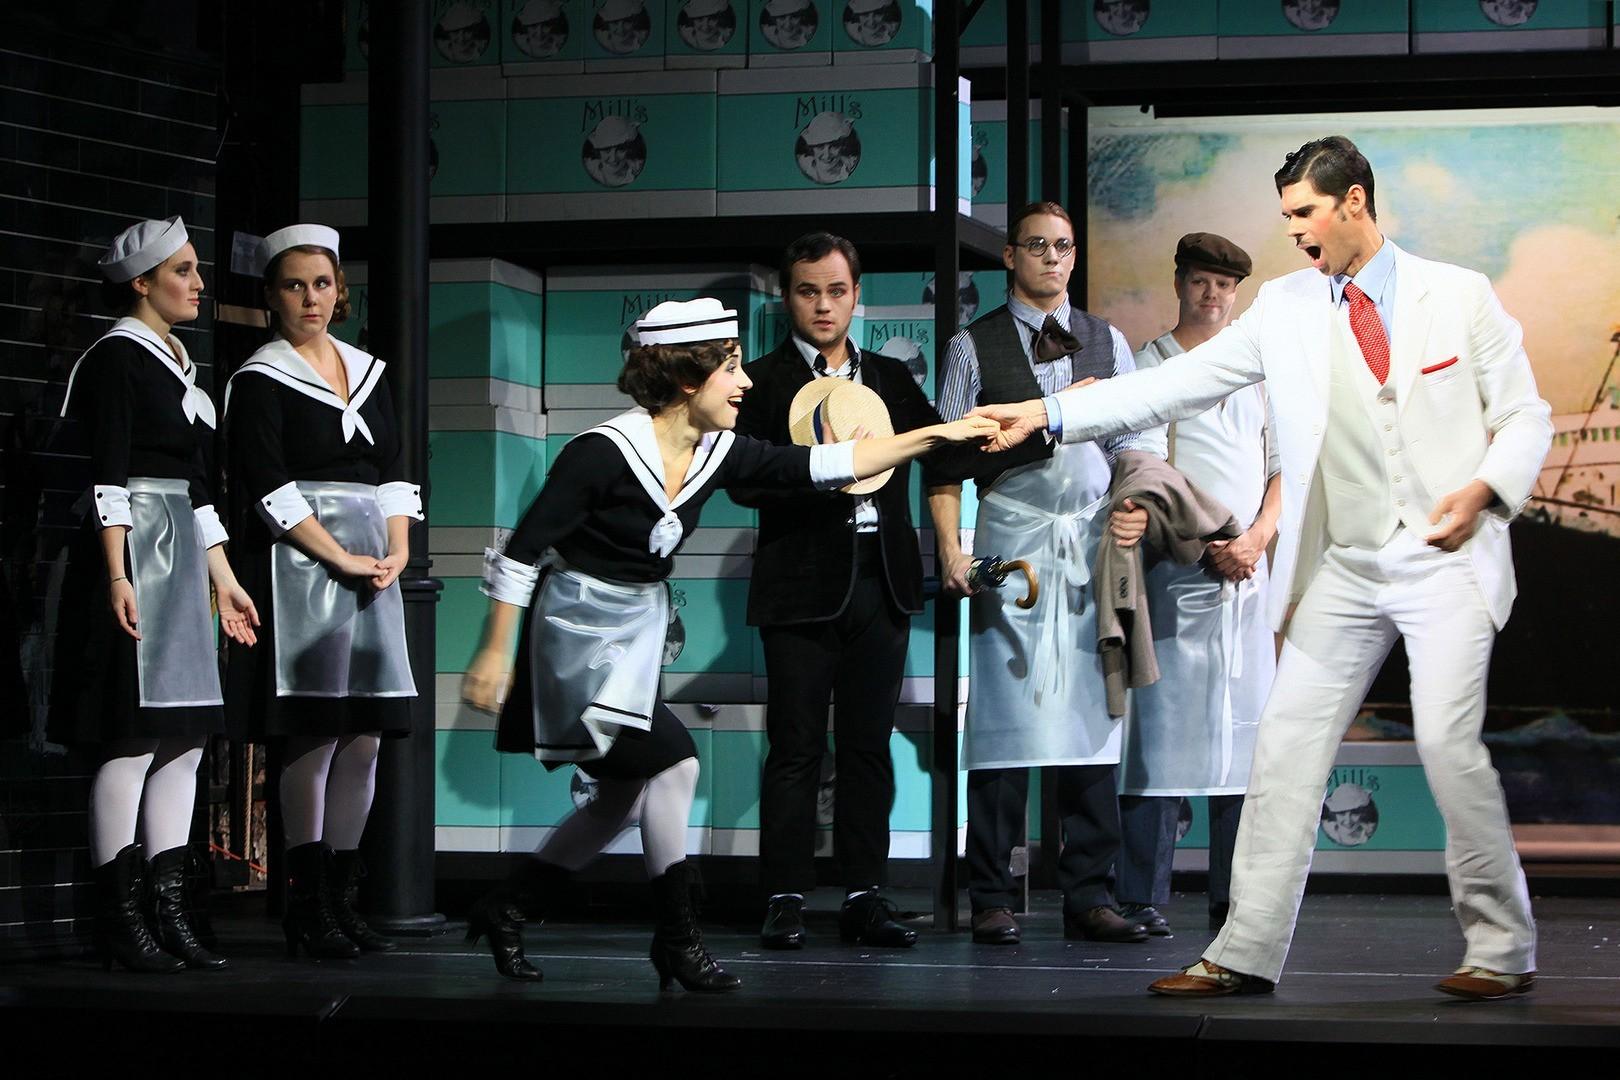 Cambiale-di-matrimonio-Opera-directed-by-Jacopo-Spirei-4